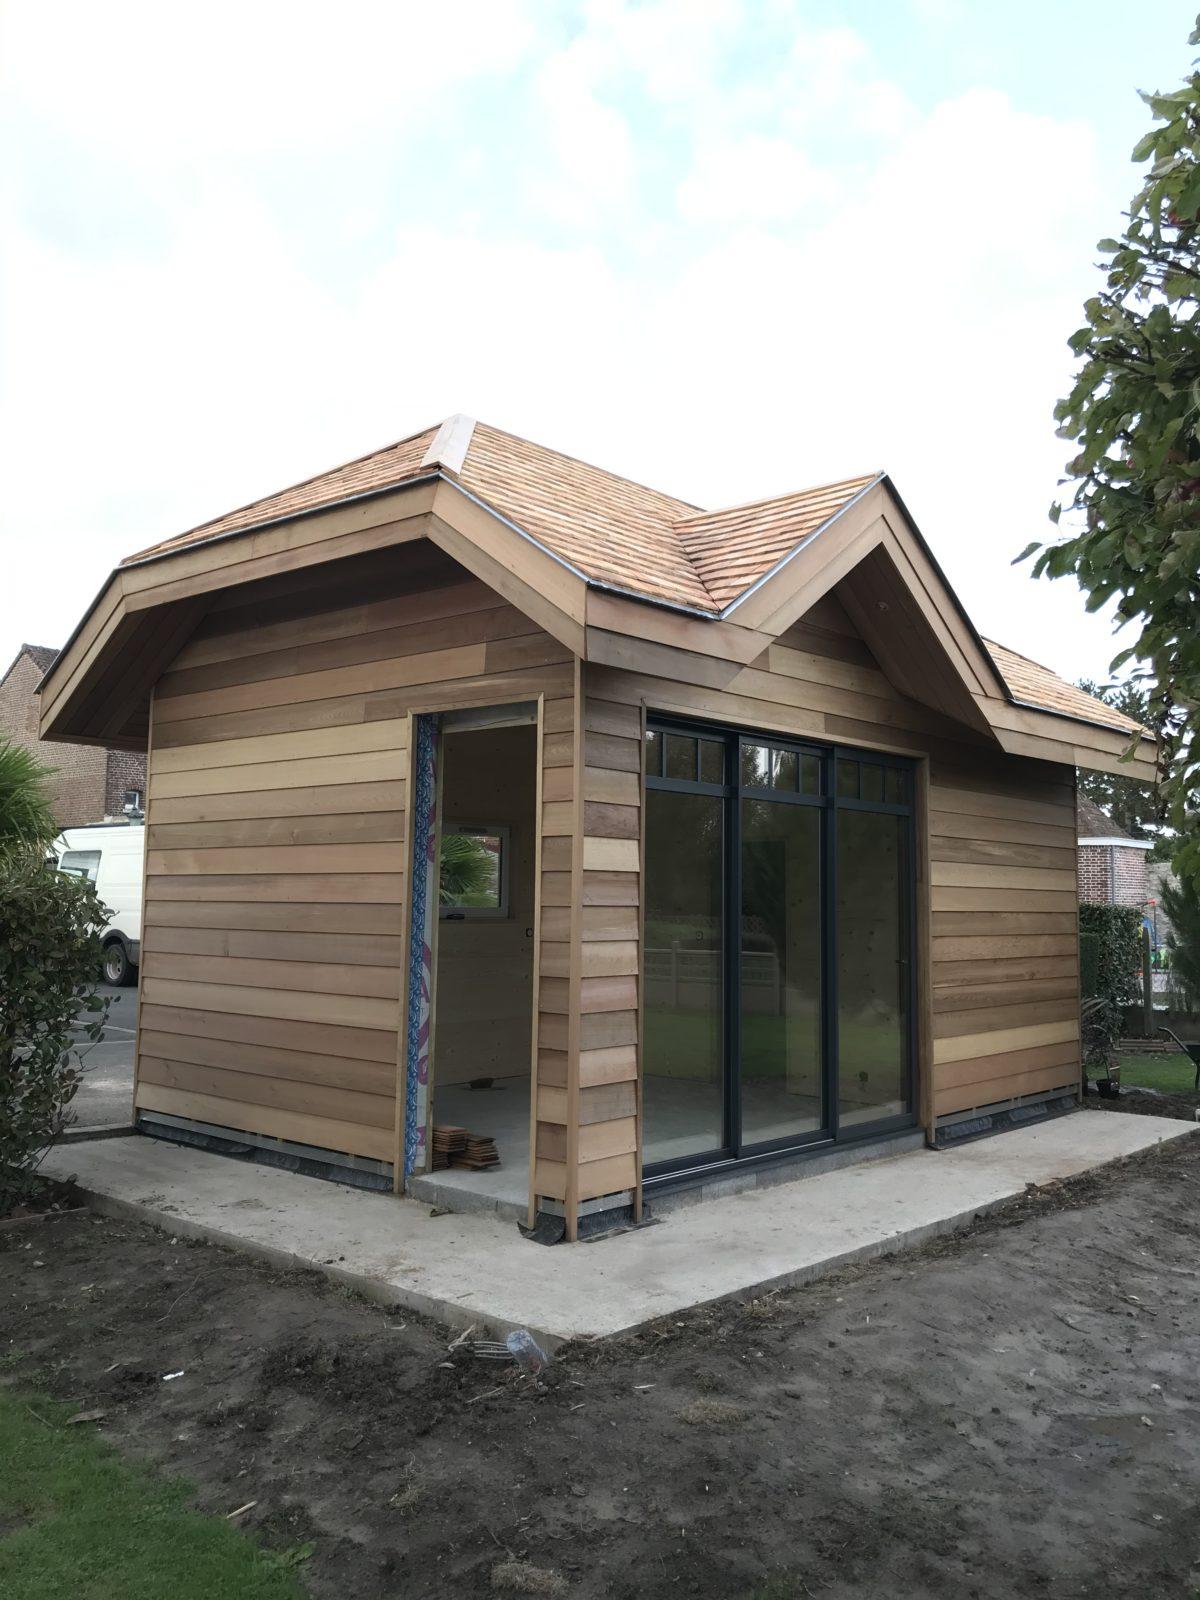 Comment installer un chalet en bois dans son jardin ?